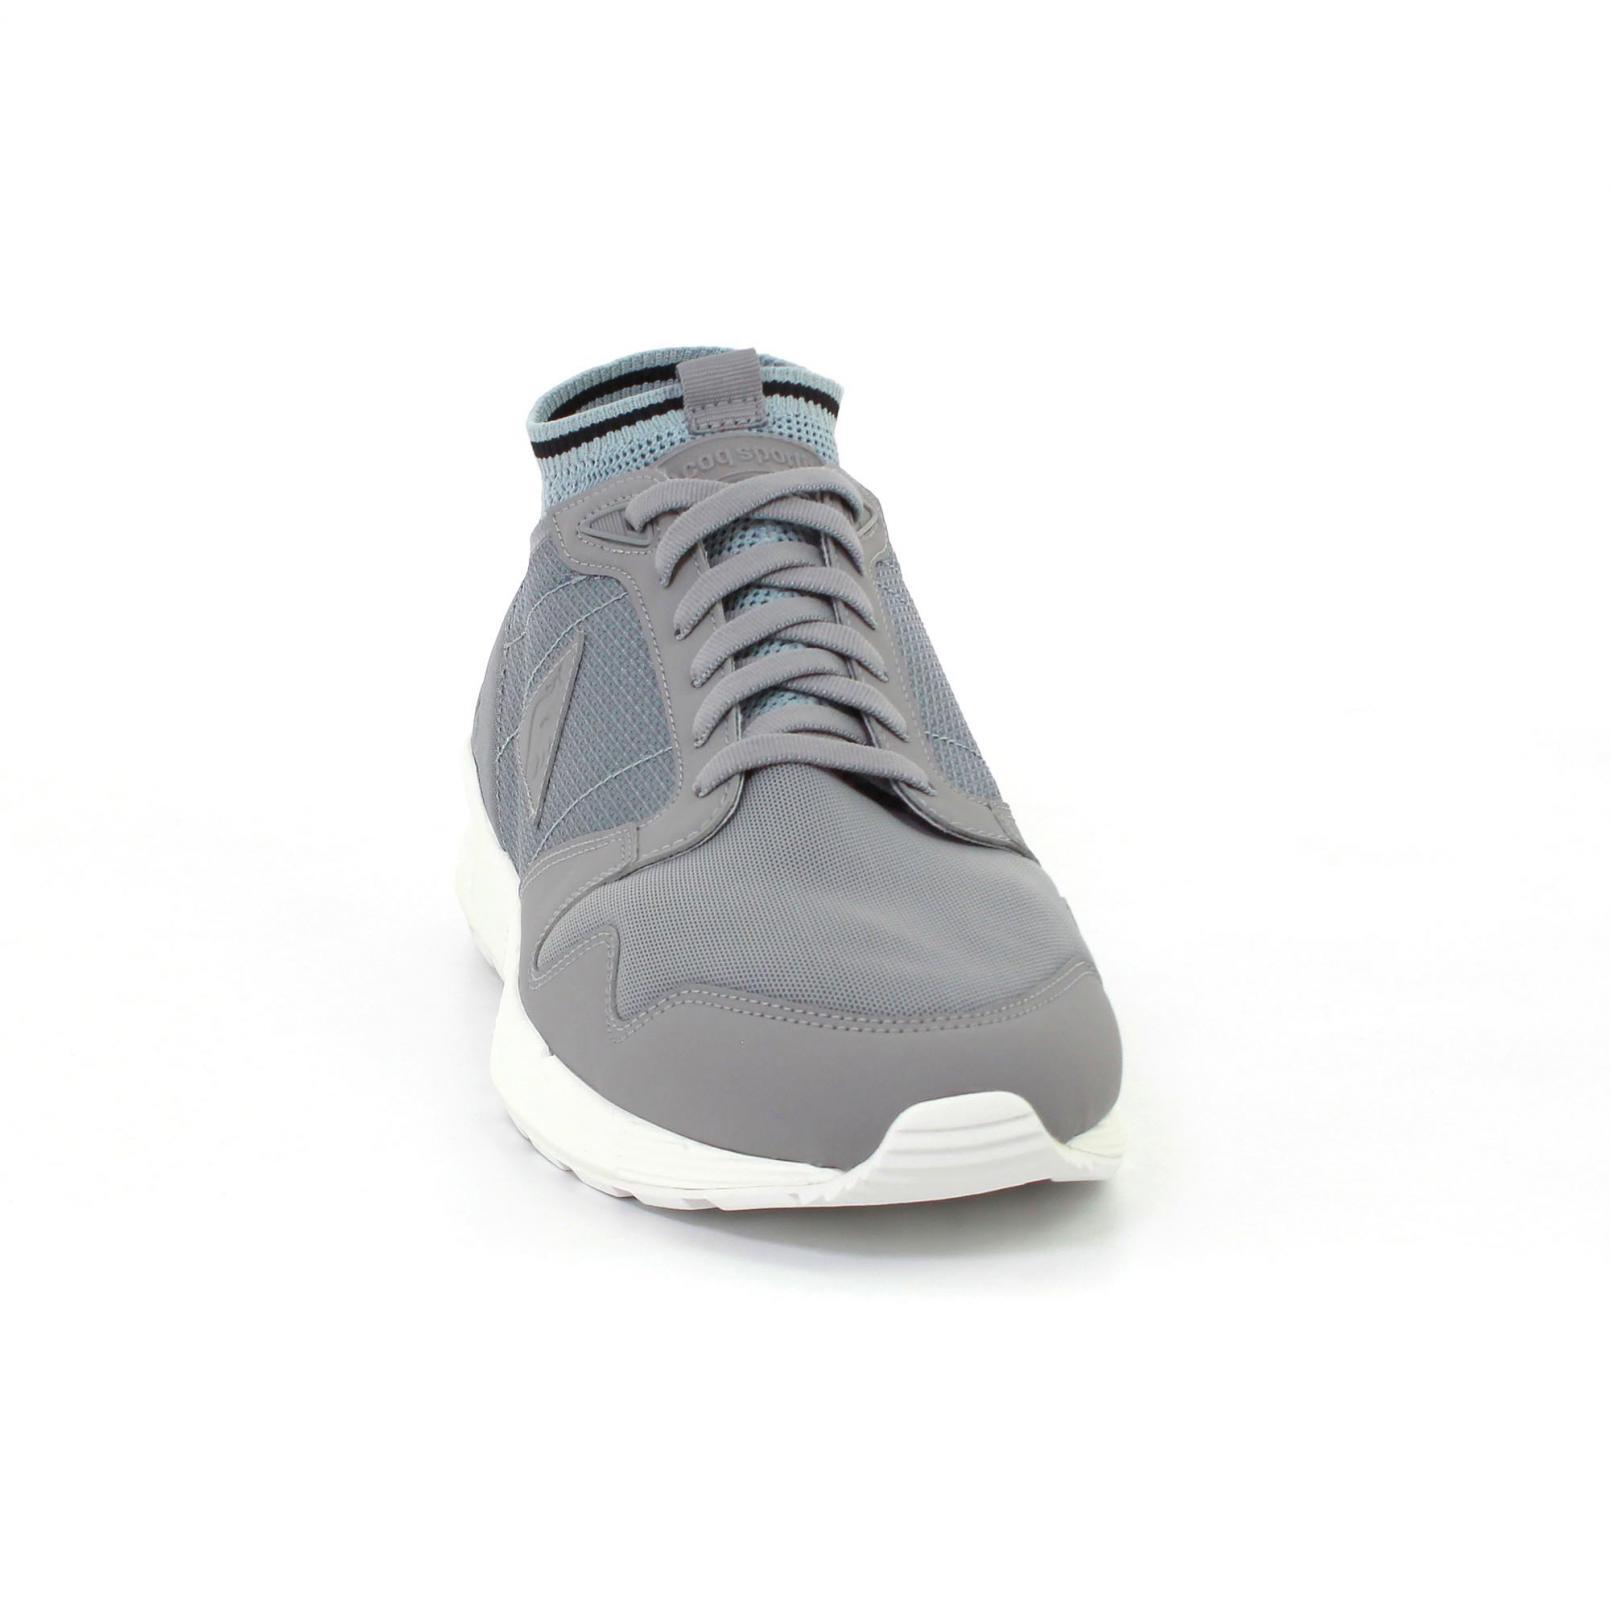 Shoes – Le Coq Sportif Omicron Triple Reflective Grey